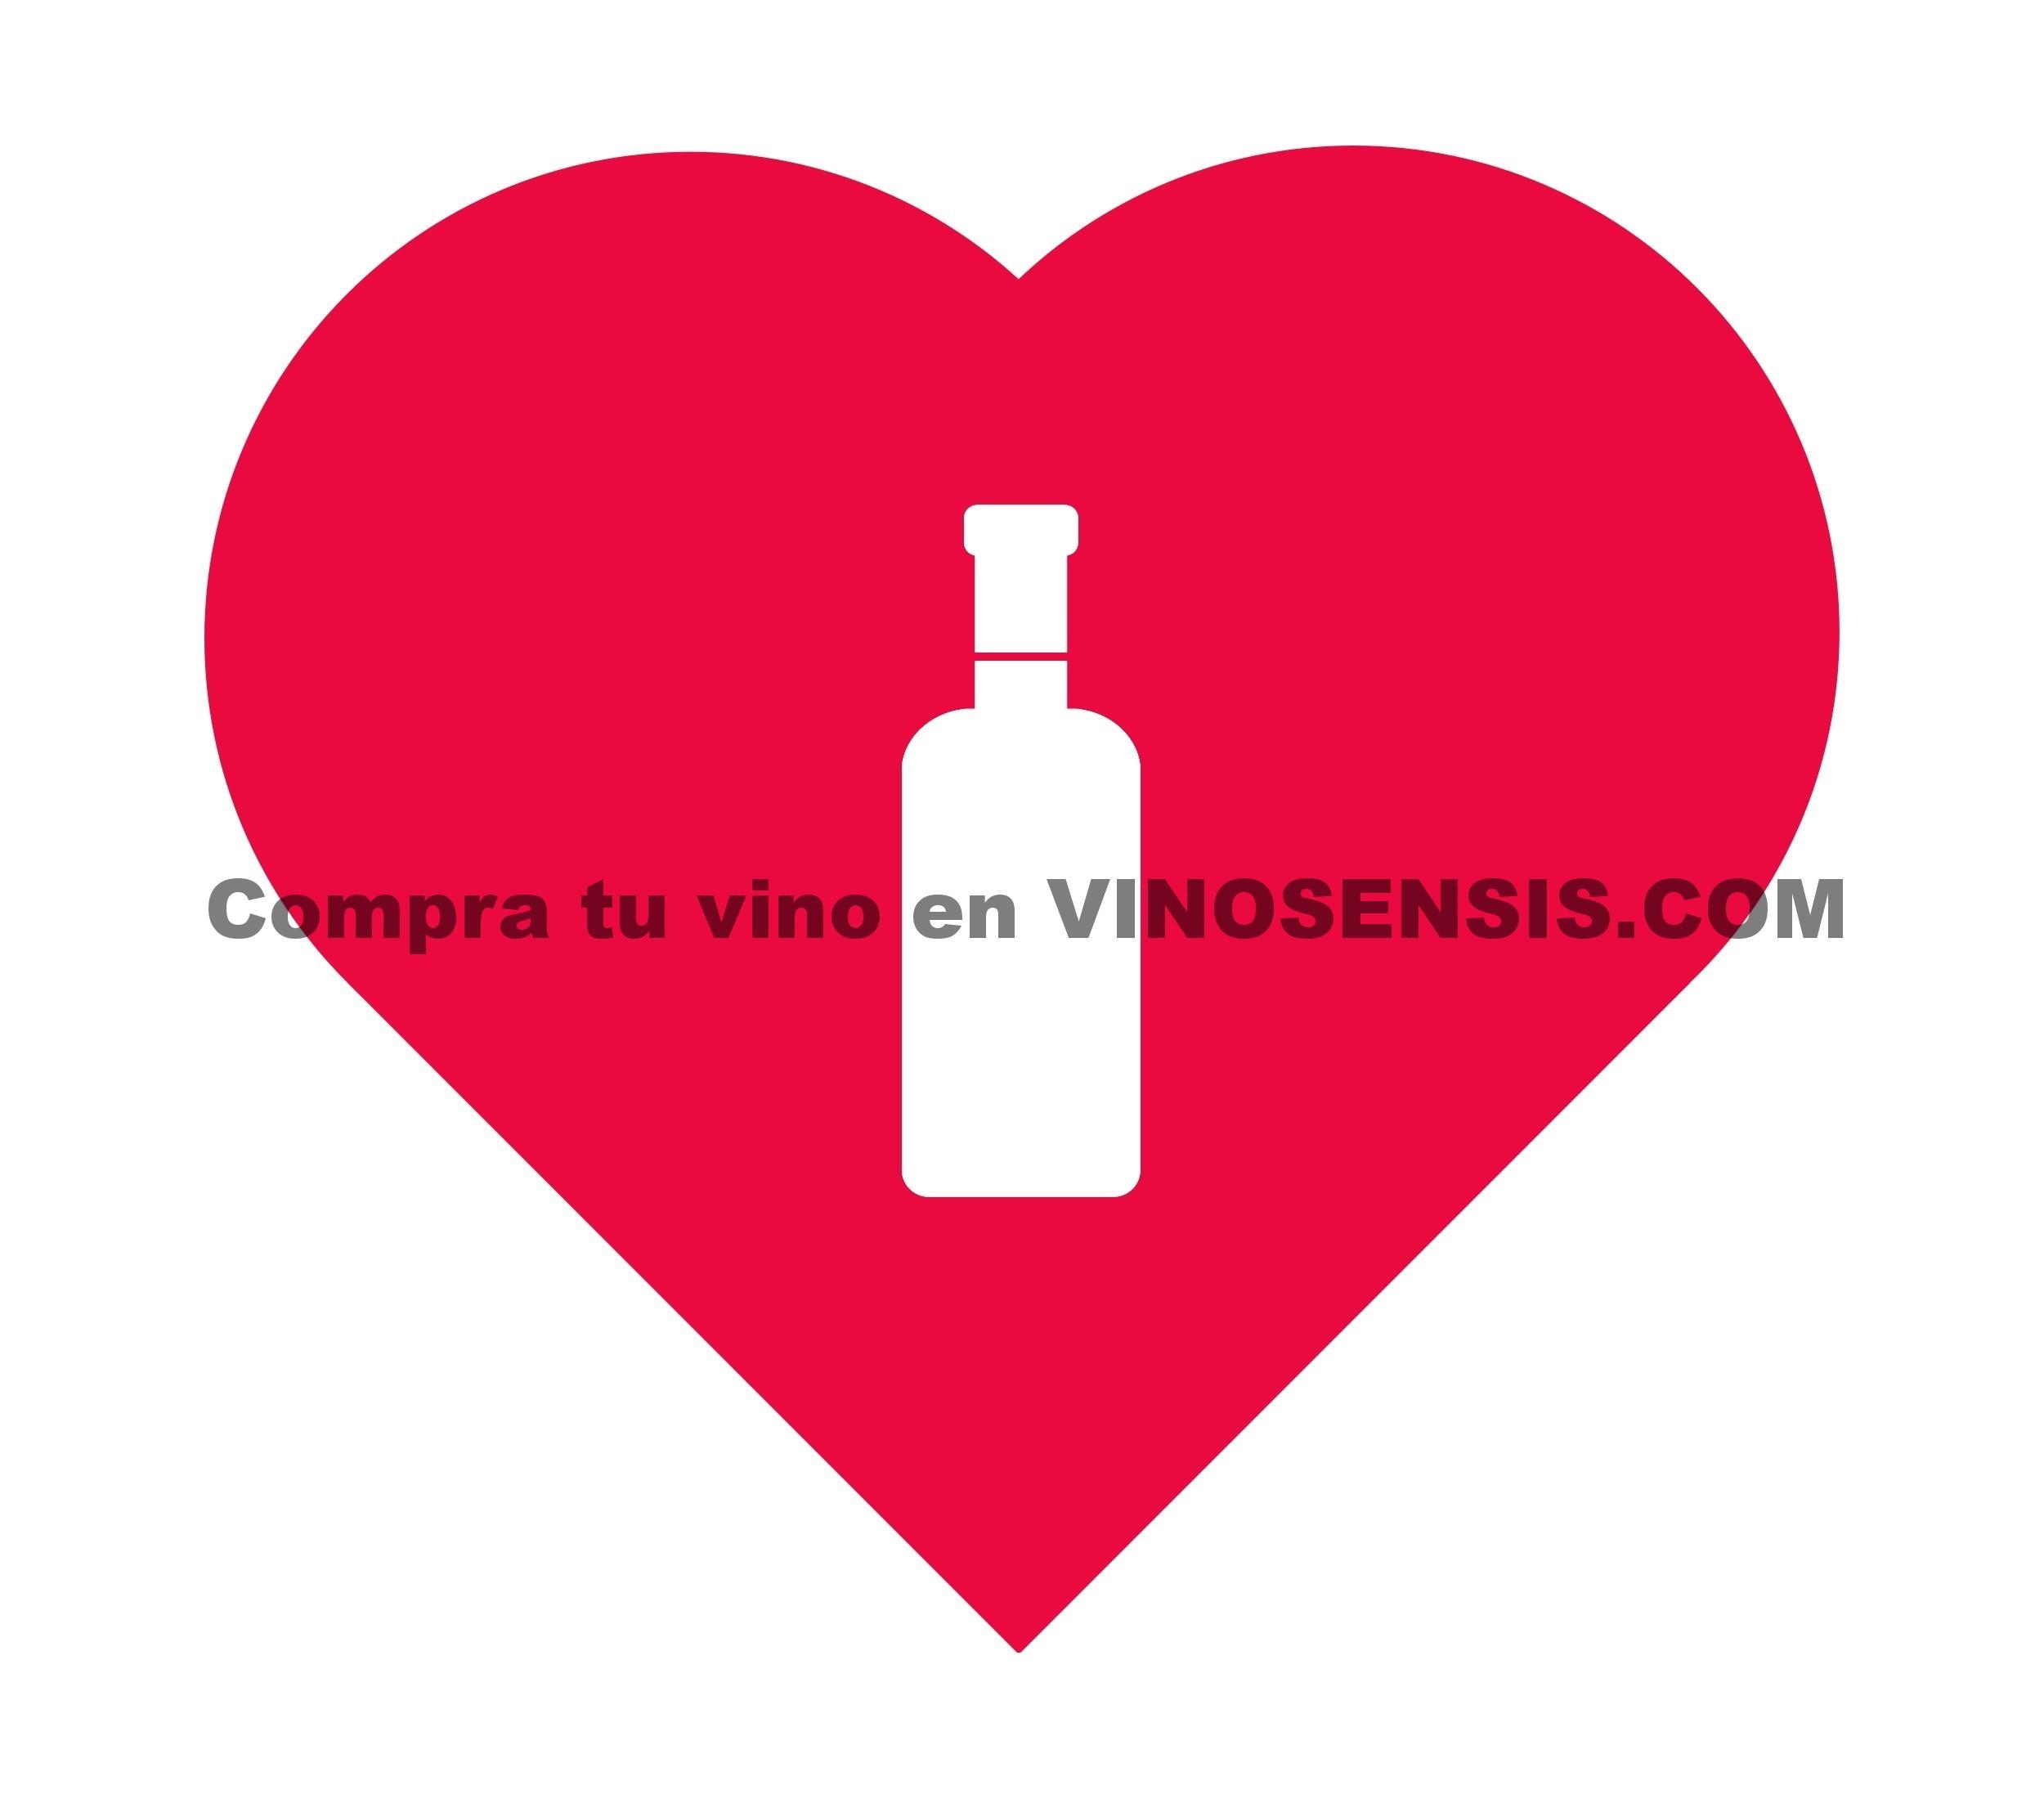 El vino, casi una poción mágica para la salud